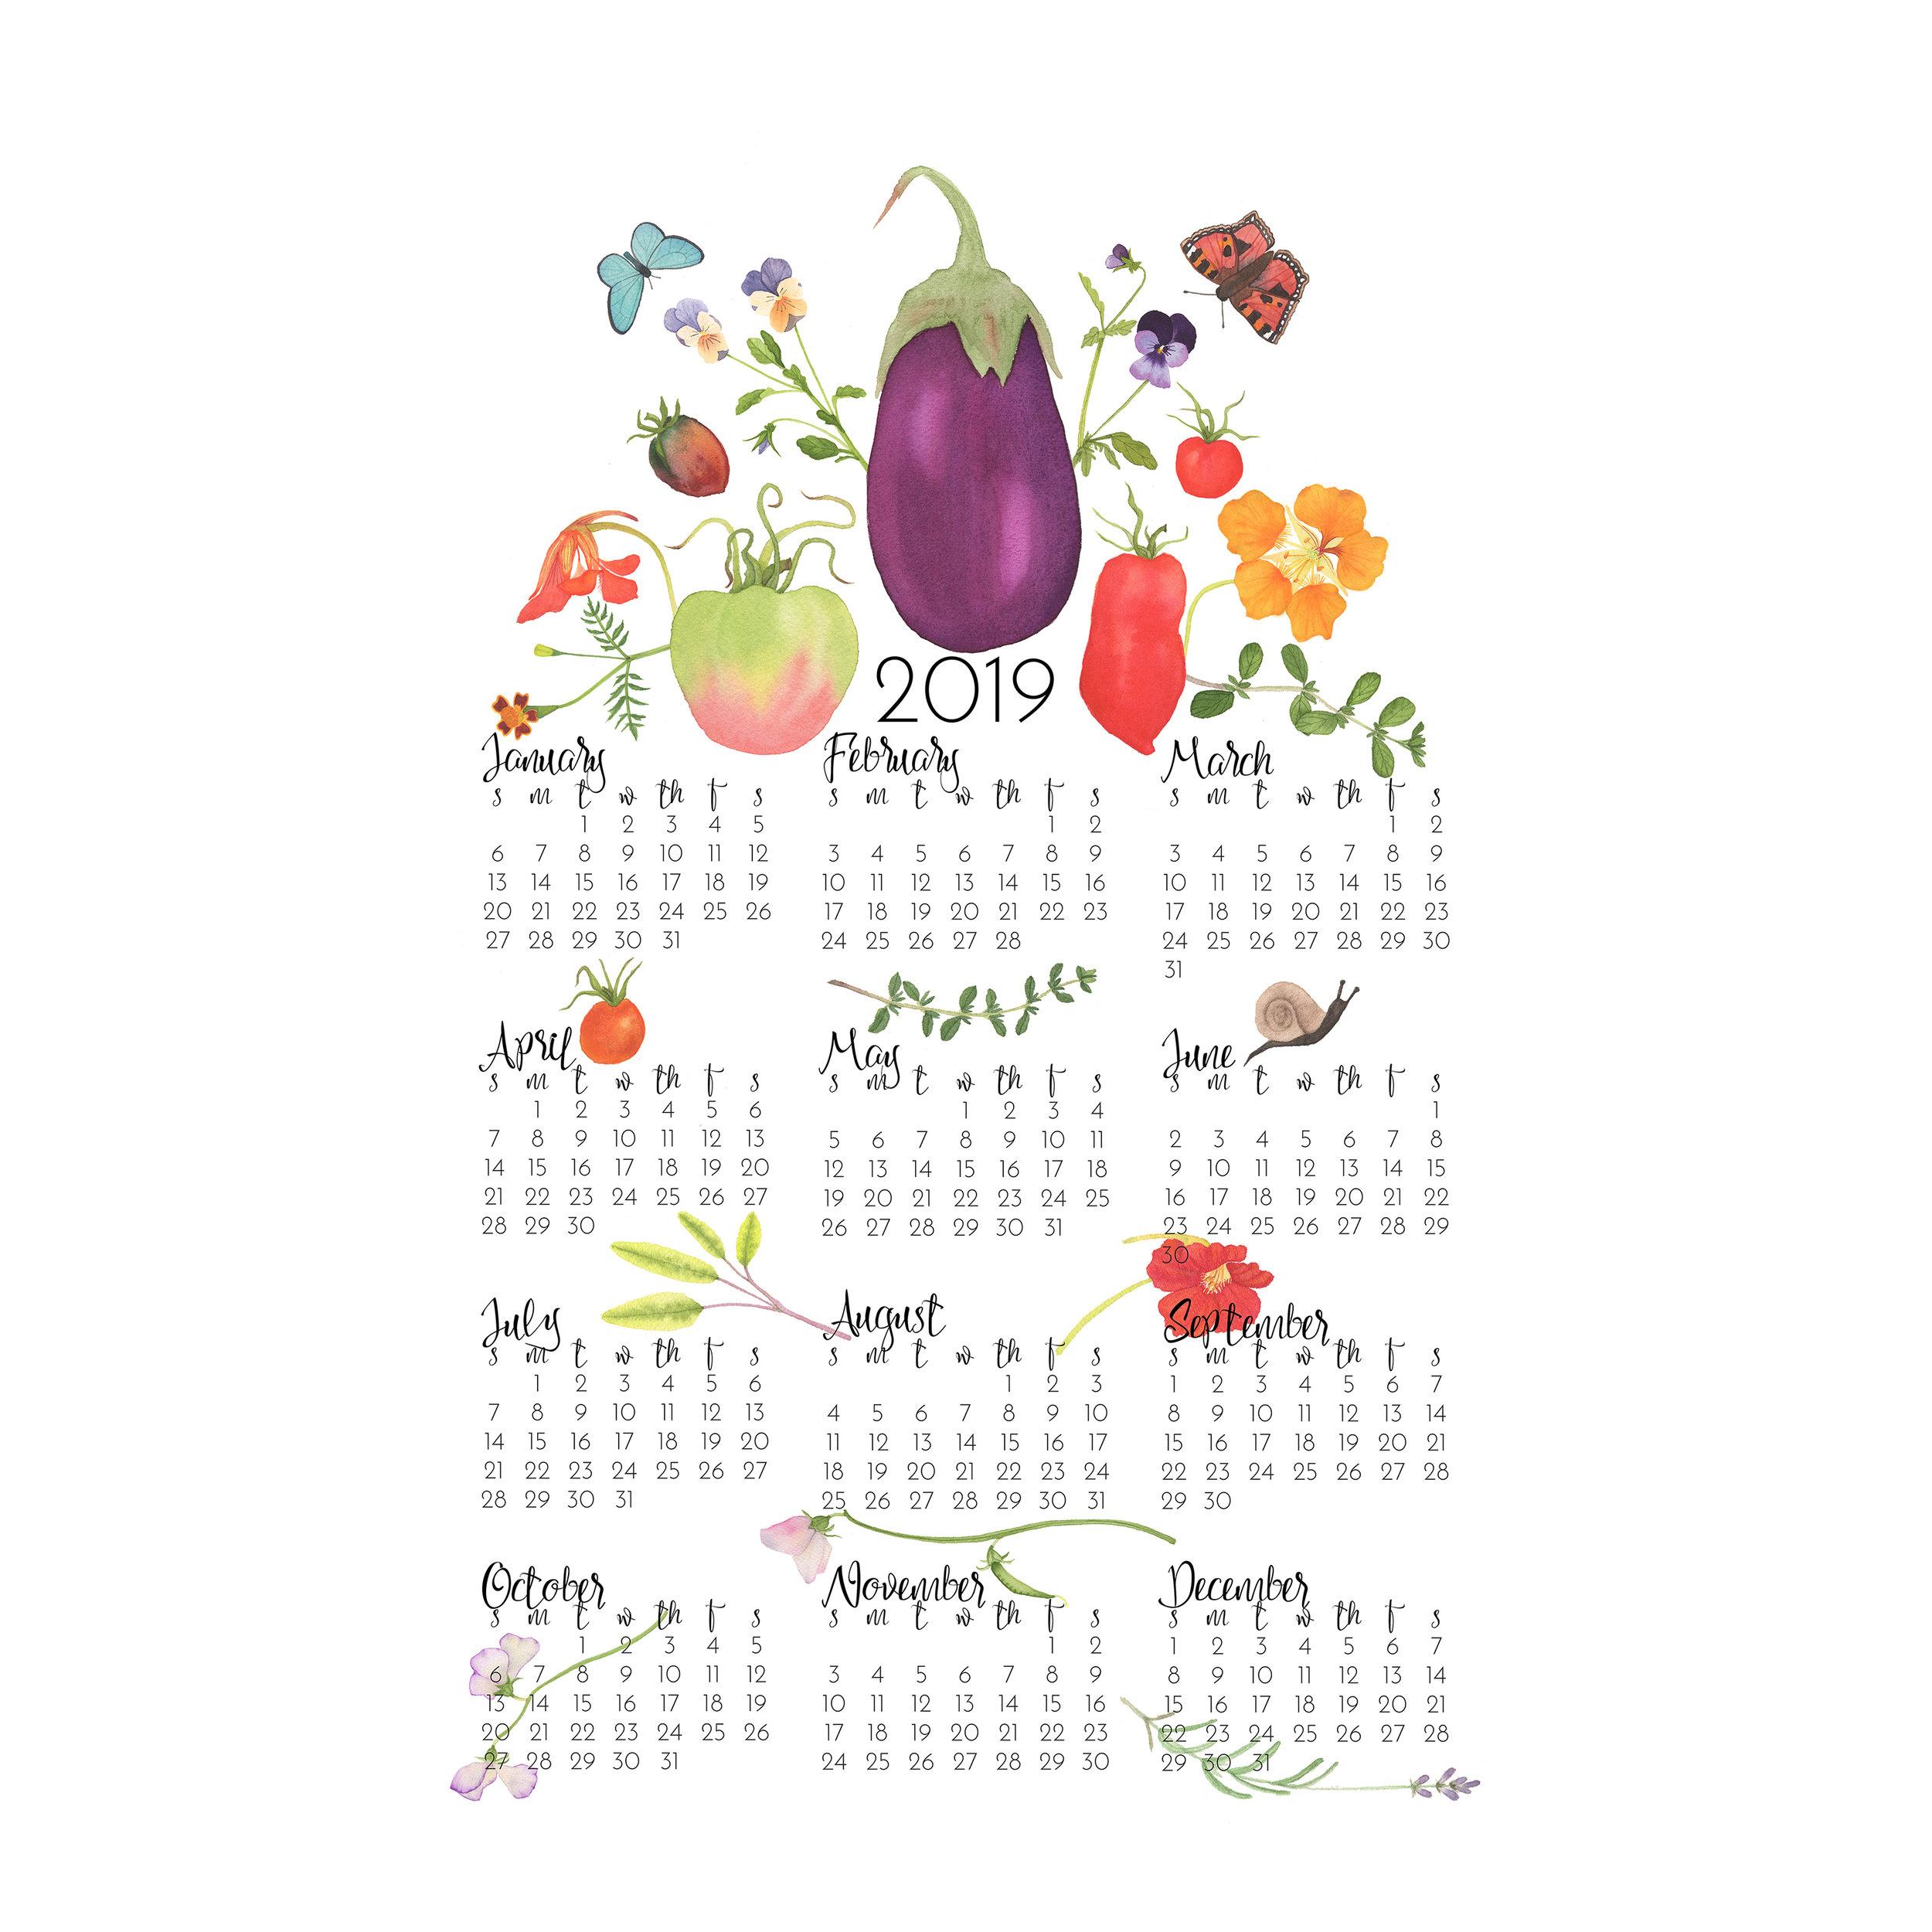 2019 Tea Towel Calendar In the Kitchen Garden design by Anne Butera